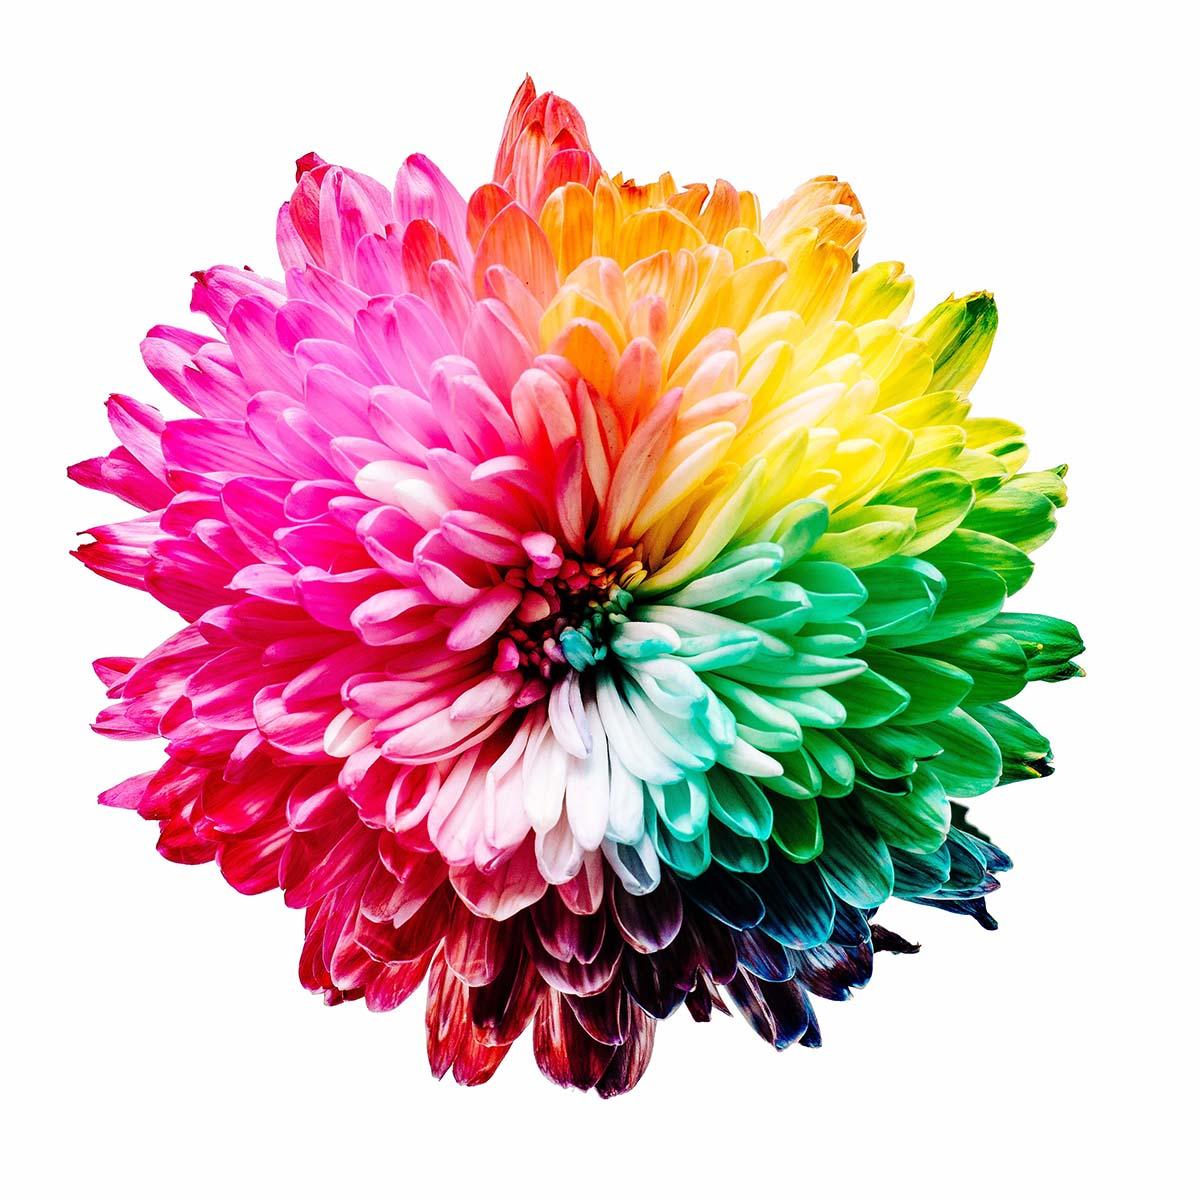 La beauté d'une fleur multicolore